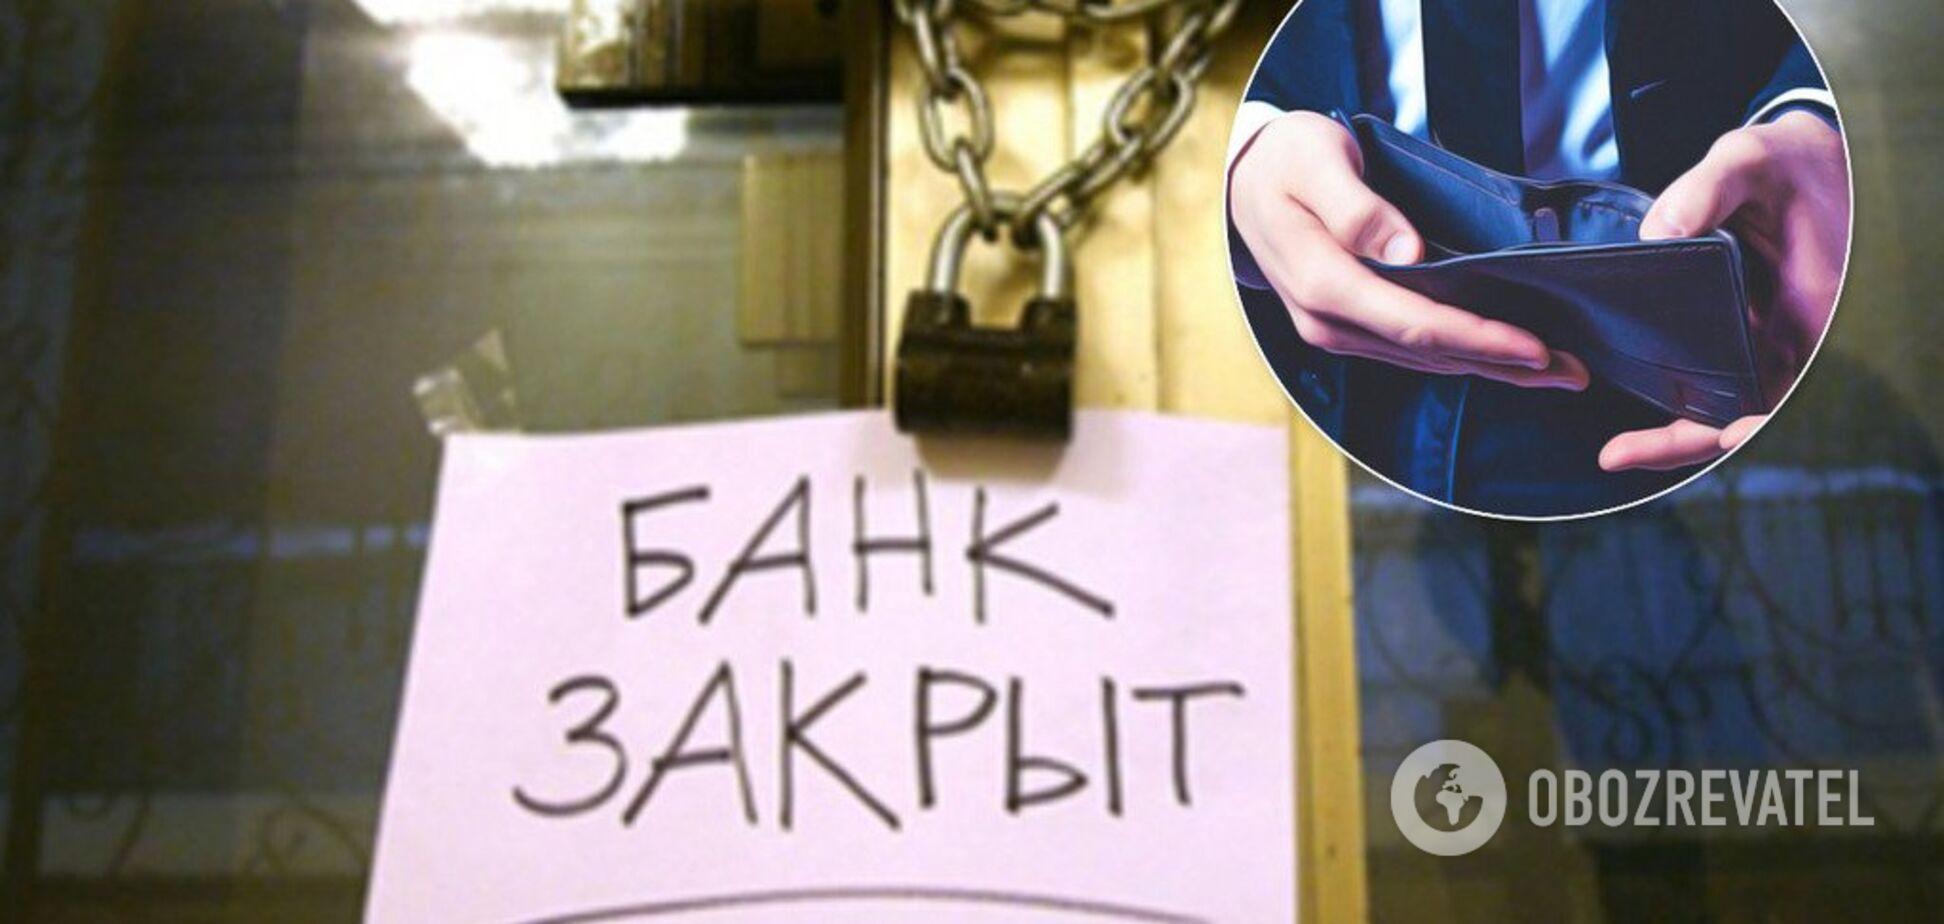 Шахраї з банку банкрута наживаються на дніпрянах: як уникнути афери